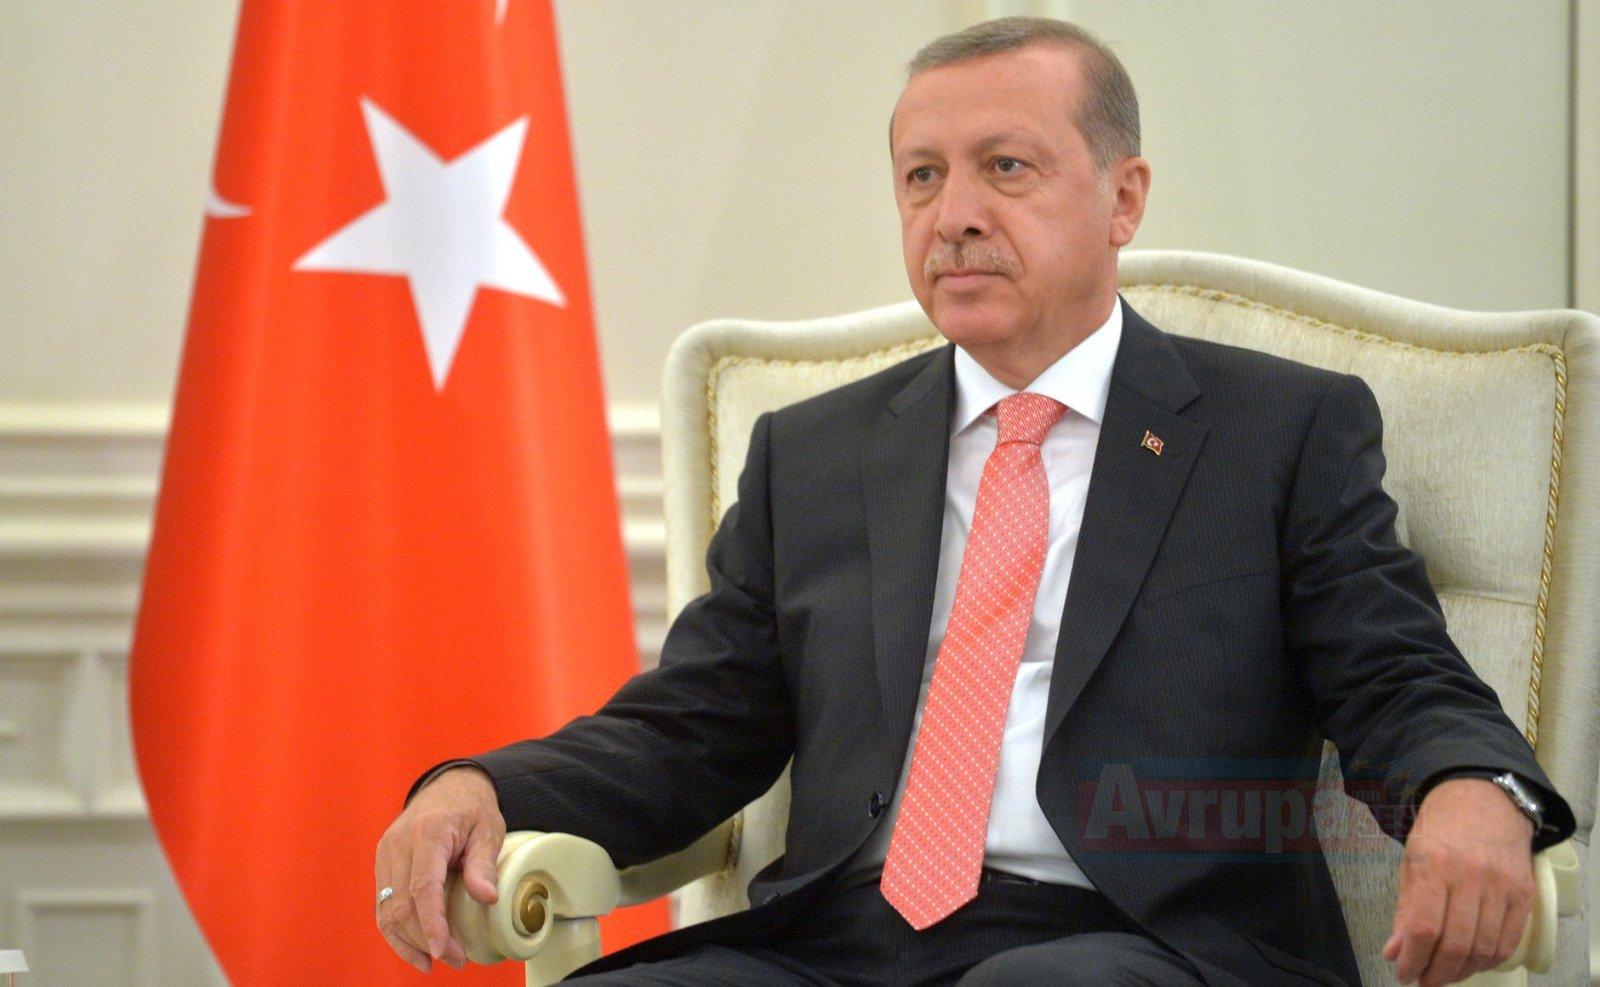 Cumhurbaşkanımız Recep Tayyip Erdoğan'ın da iştirakiyle Nevruz ateşi yakılacaktır